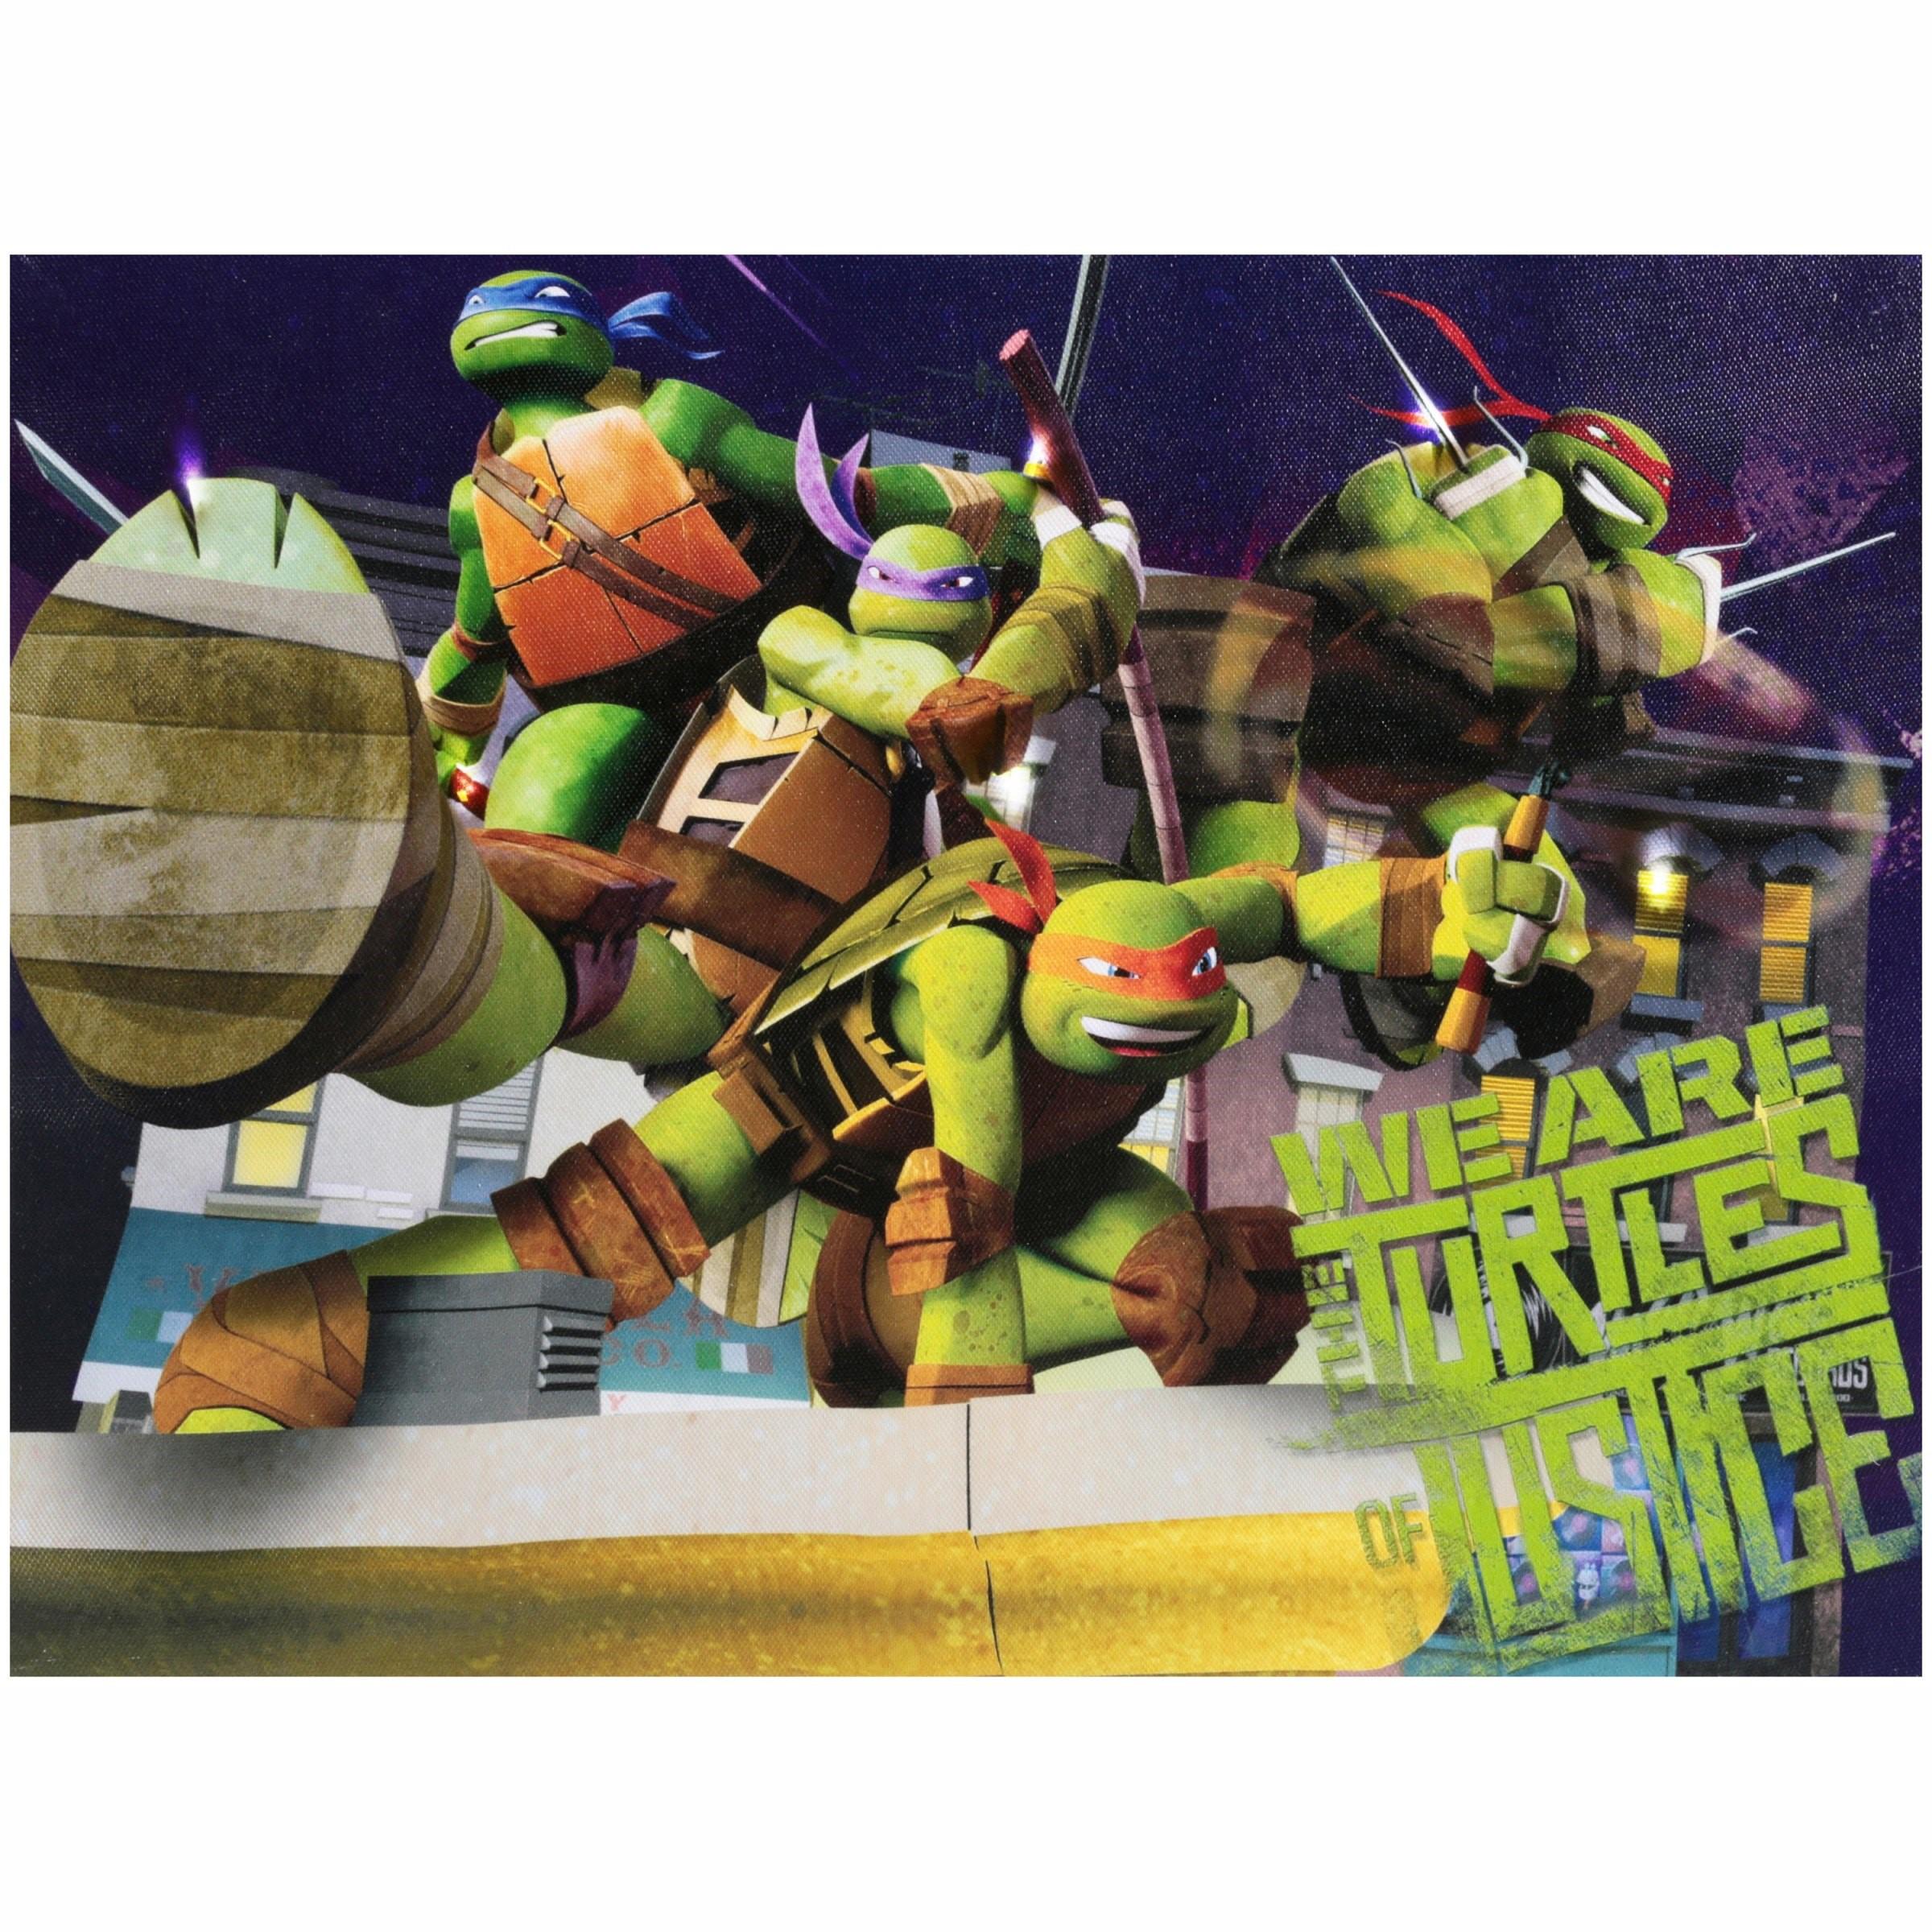 Nickelodeon Teenage Mutant Ninja Turtles Light Up Canvas LED Wall Art